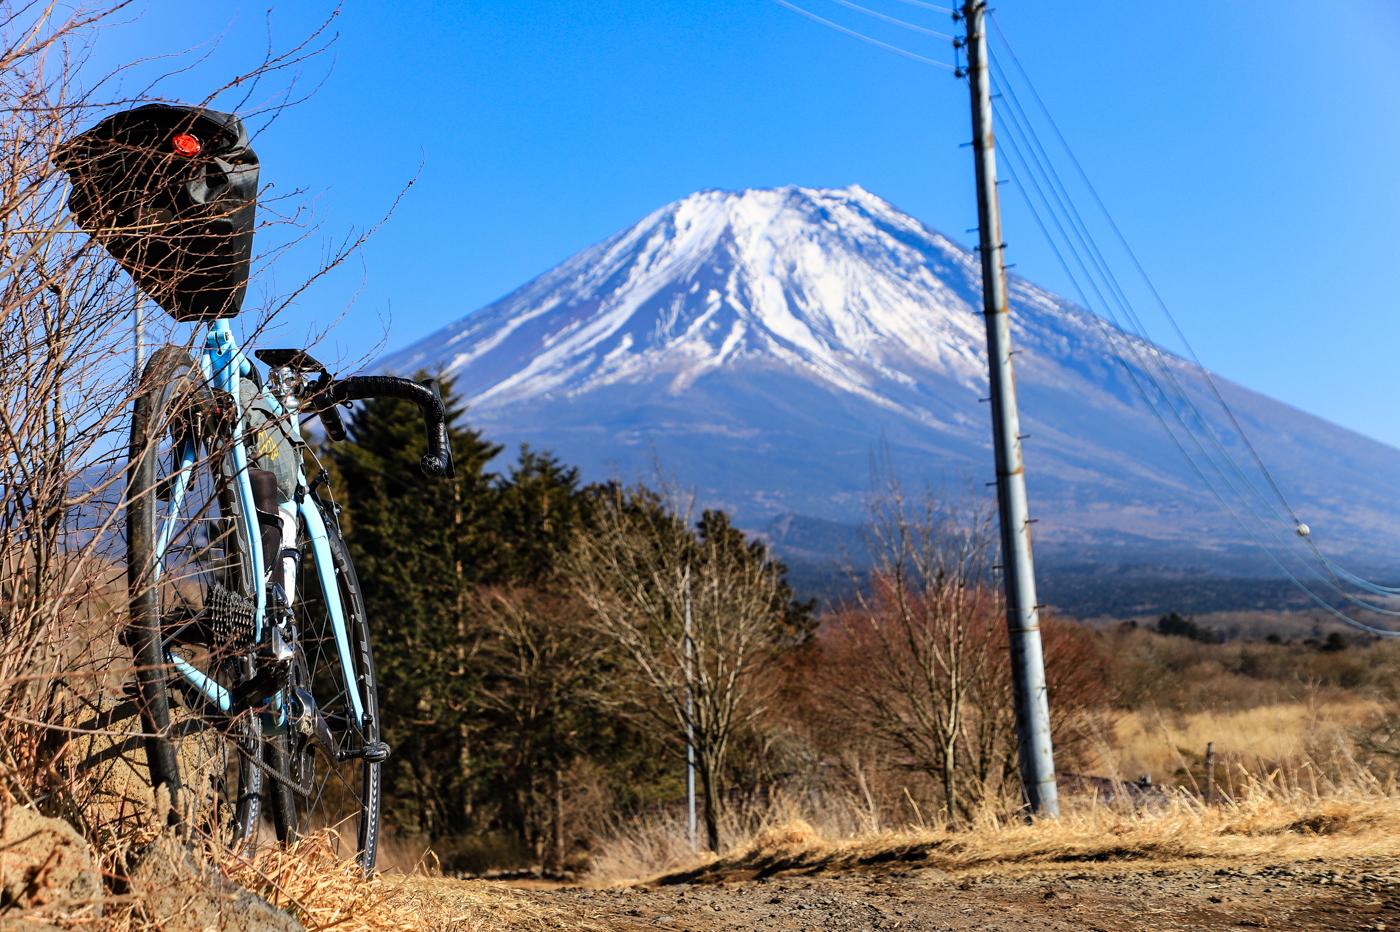 fuji-26.jpg